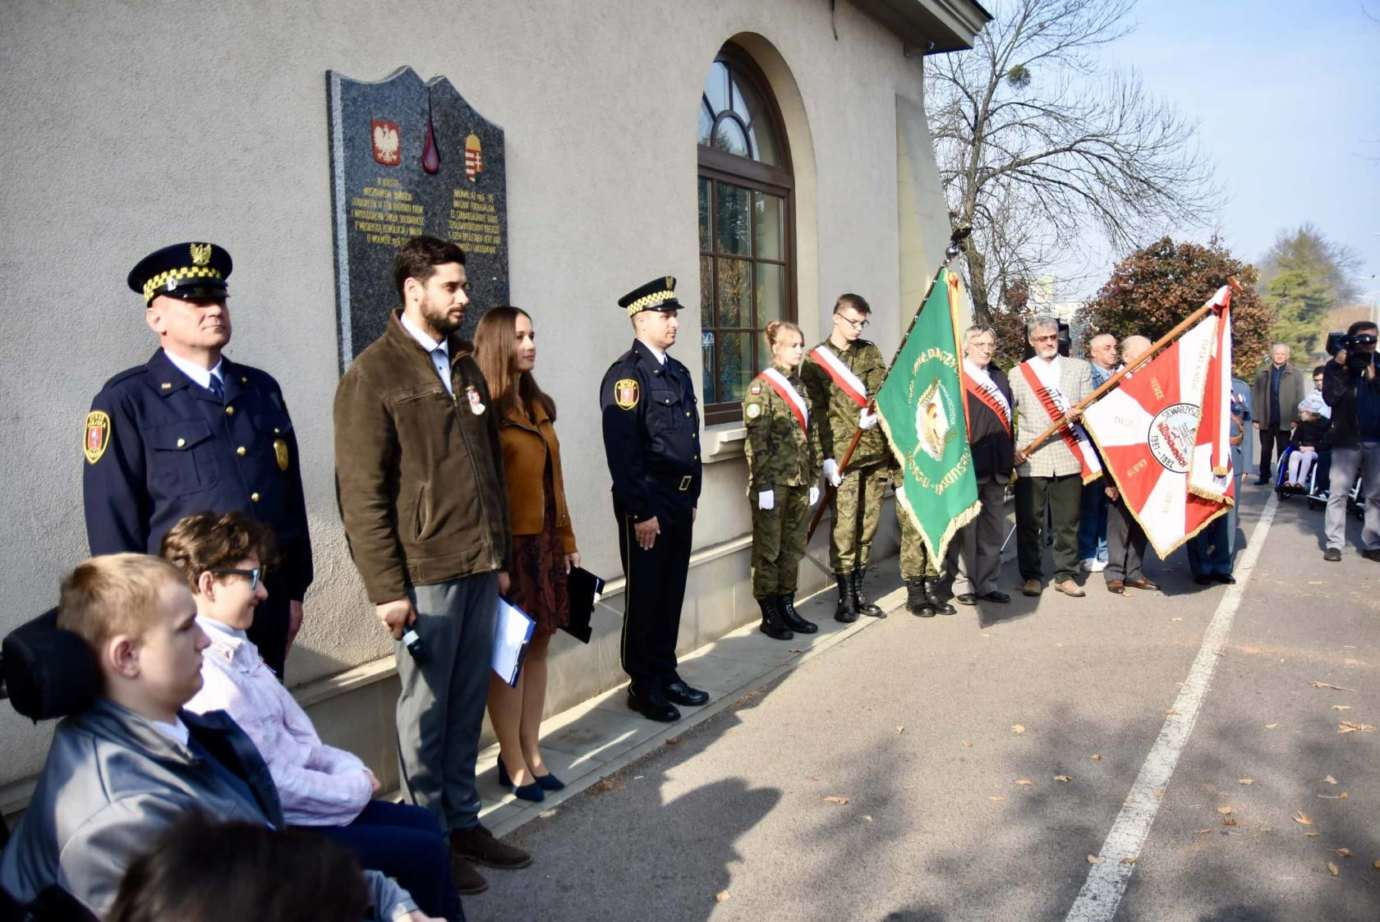 dsc 9467 Zamość: Obchody Narodowego Święta Węgier [ZDJĘCIA, FILM]